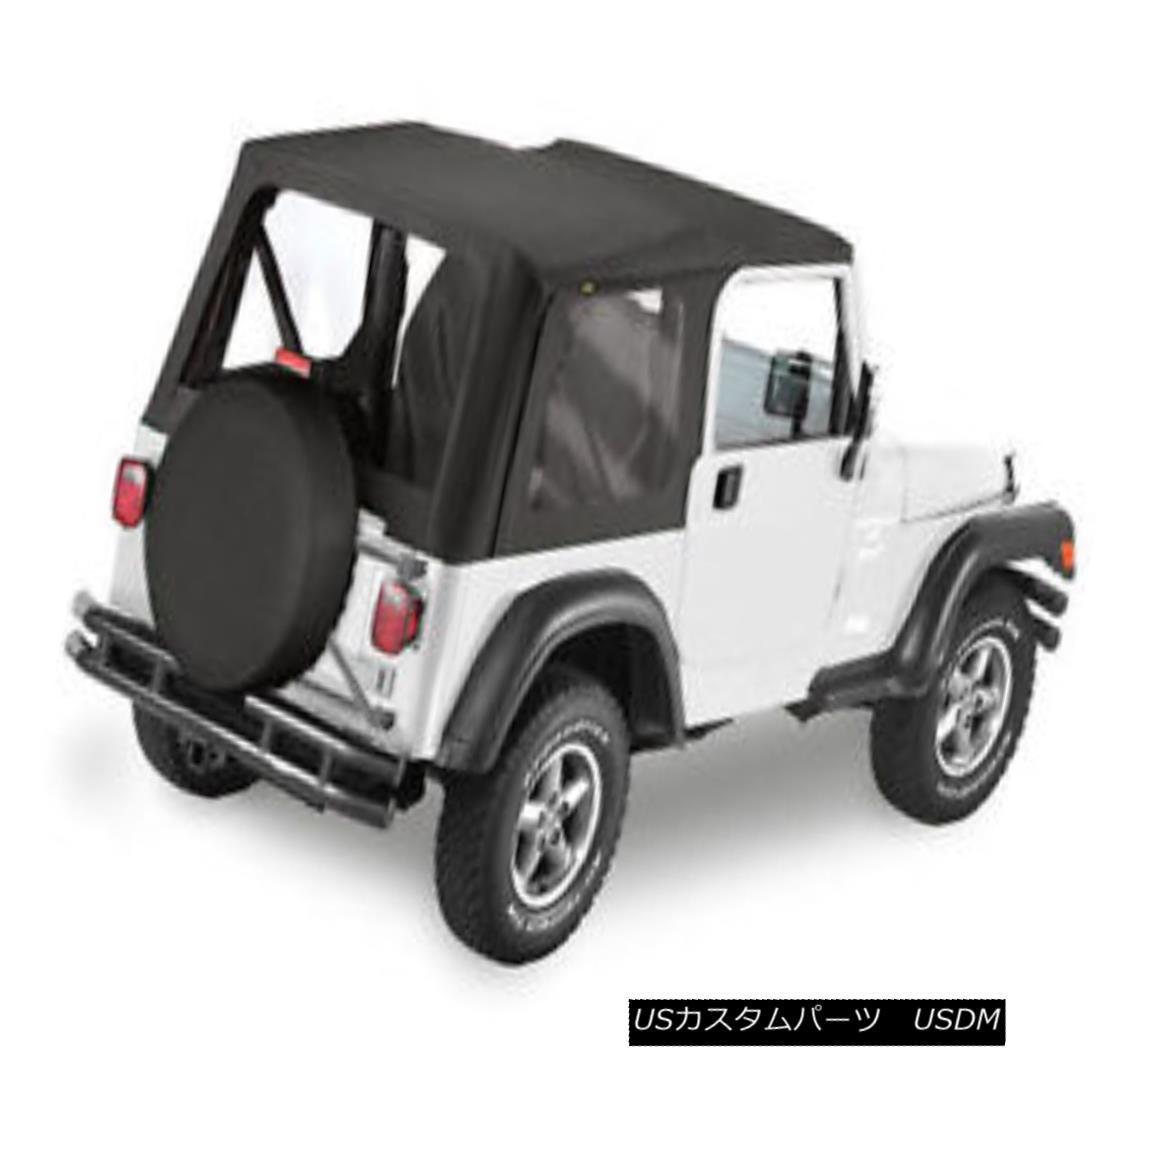 幌・ソフトトップ Bestop Replace A Top 97-02 Jeep Wrangler TJ Clear Windows Black Denim Bestop交換トップ97-02ジープラングラーTJクリアウィンドウブラックデニム